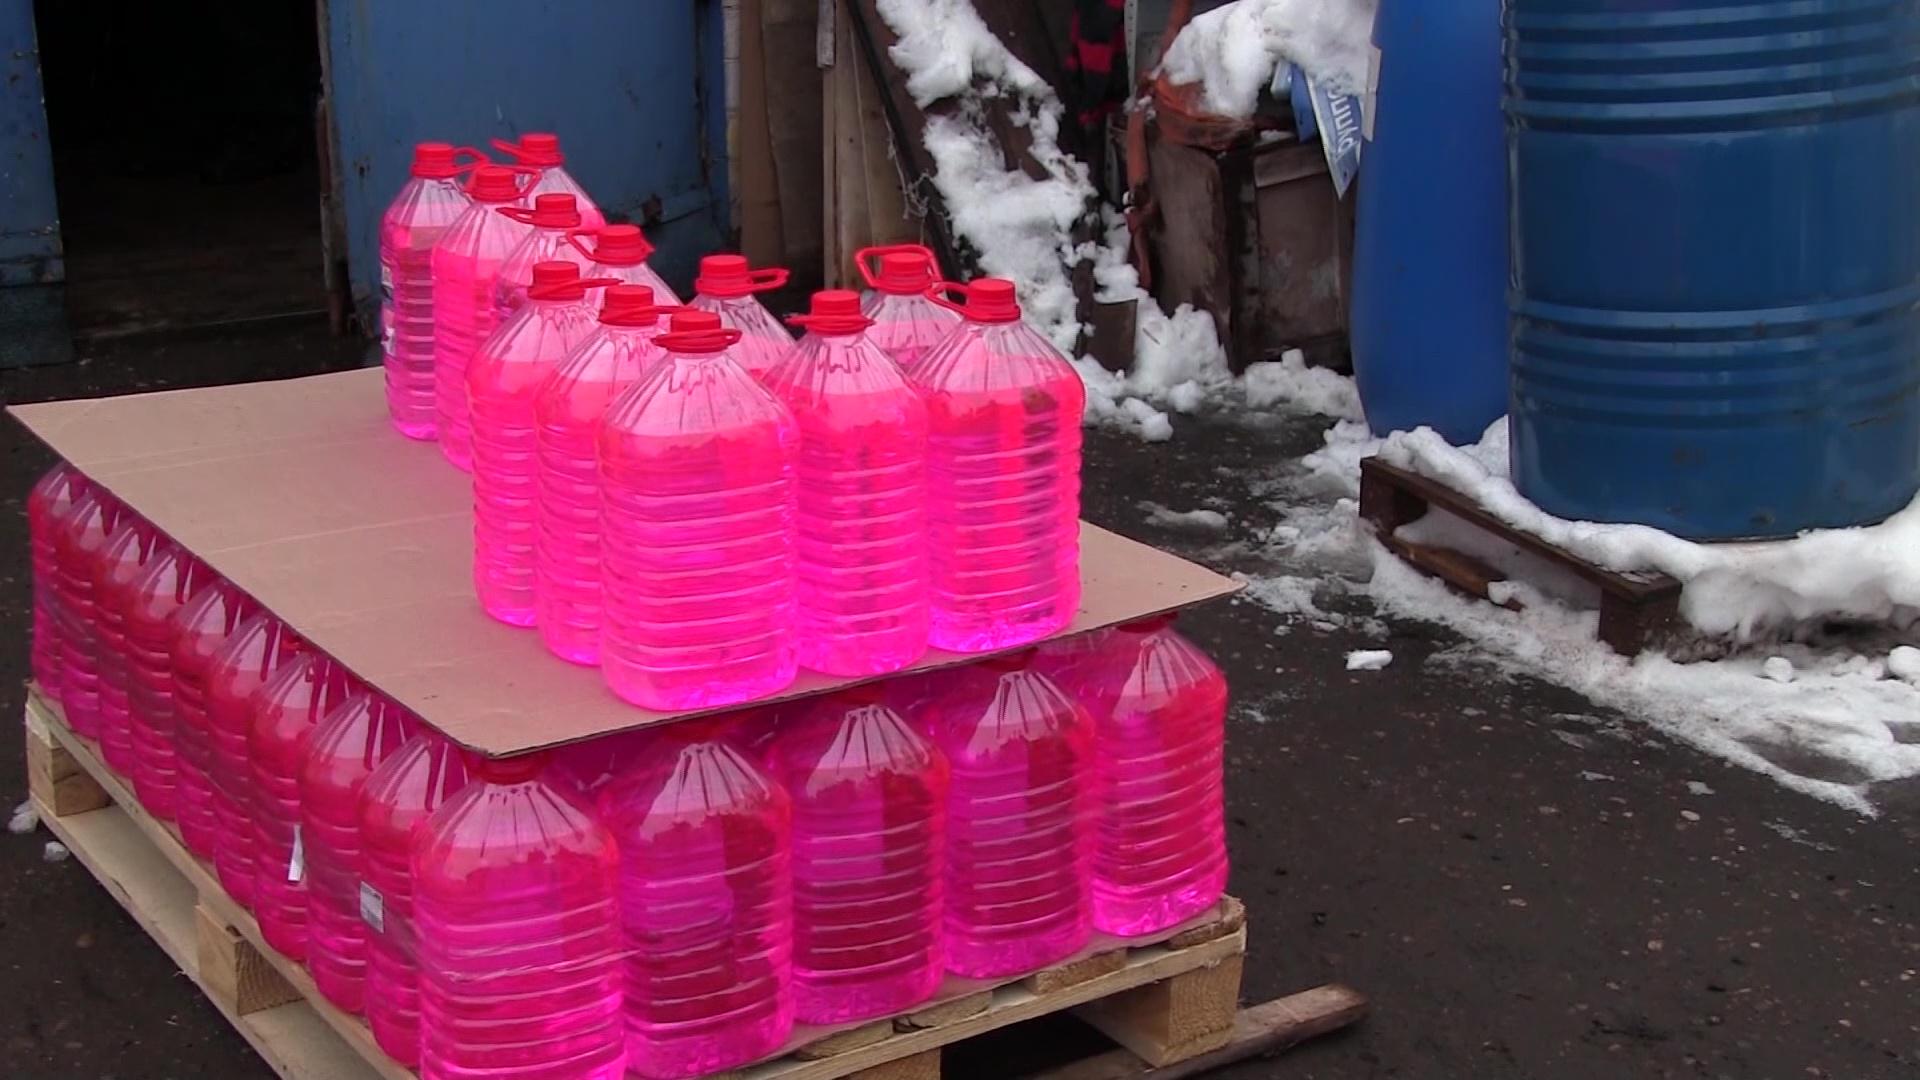 В Ярославле готовили к сбыту 11 литров контрафактной незамерзайки